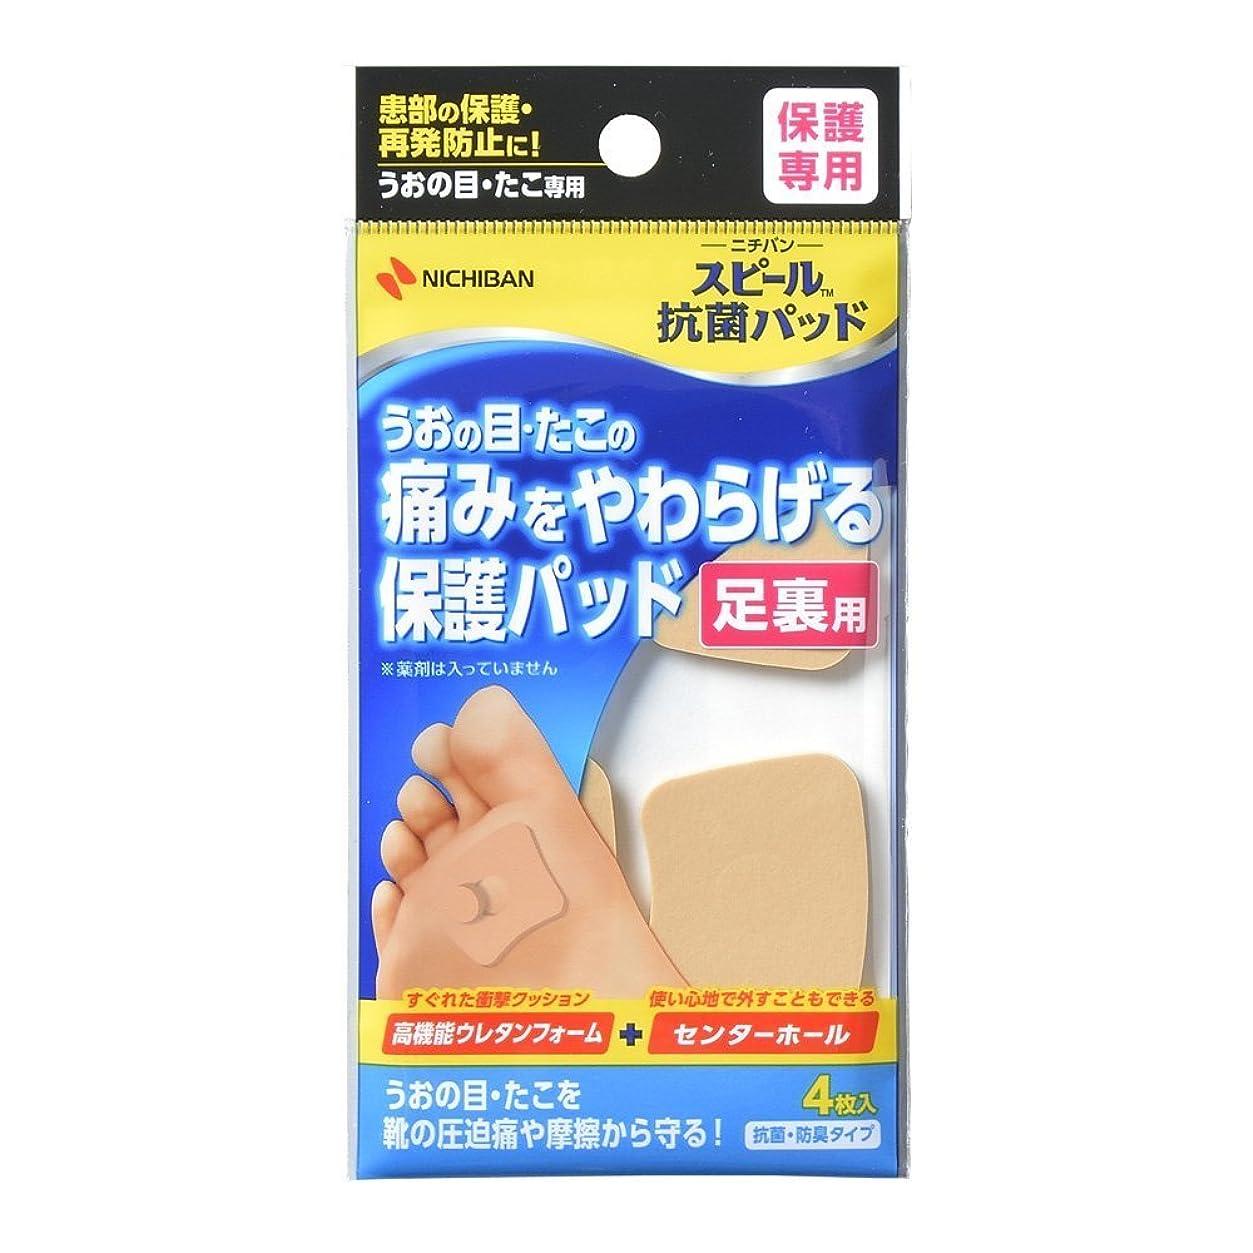 のど絶縁する飢饉【ニチバン】スピール抗菌パッド 足裏用 SPPAU 4枚 ×3個セット